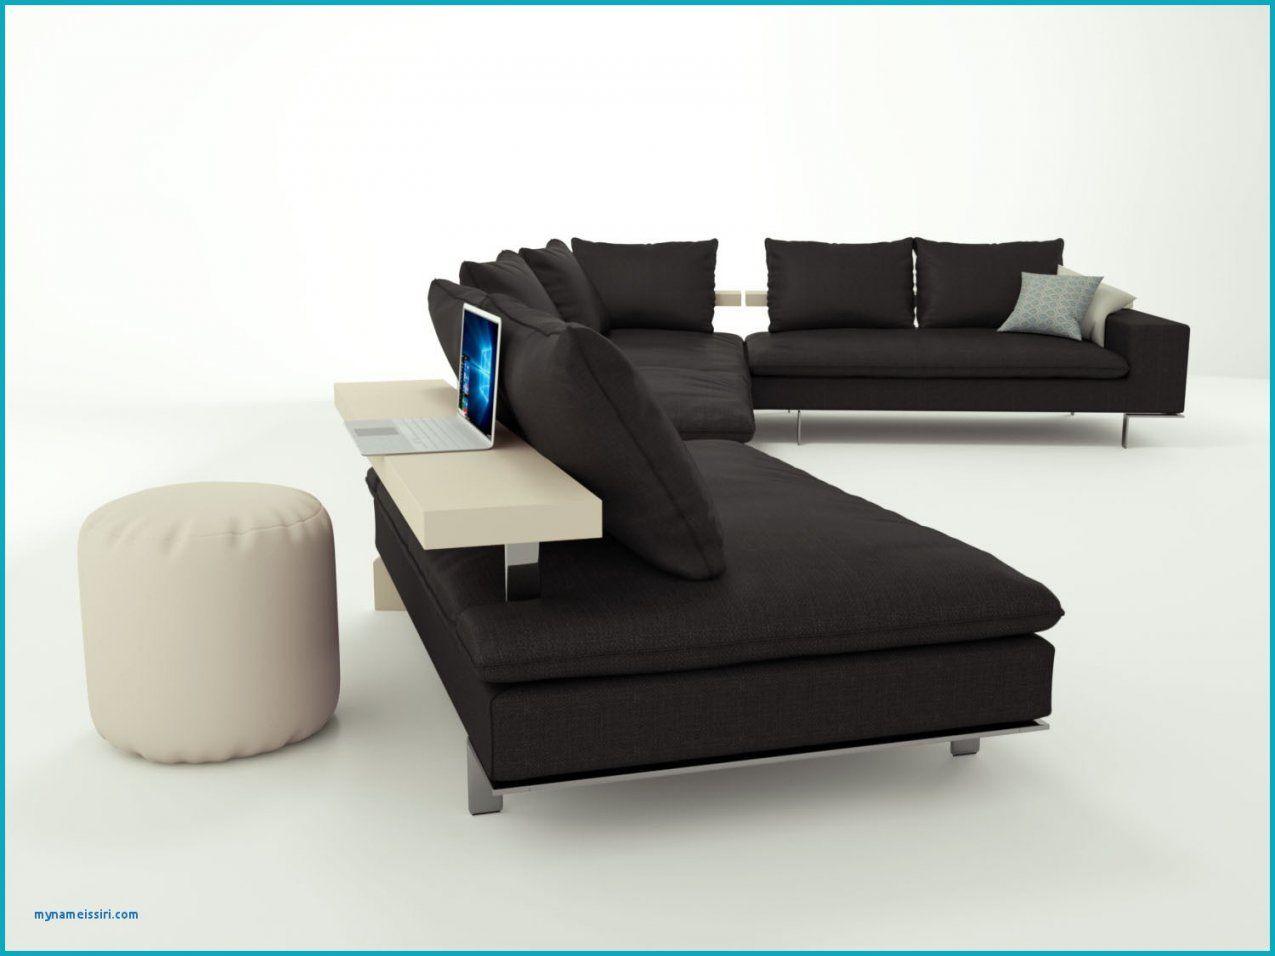 Sofa Mit Integriertem Tisch B6Y Von Design Sofa Und Freesofa von Sofa Mit Integriertem Tisch Bild